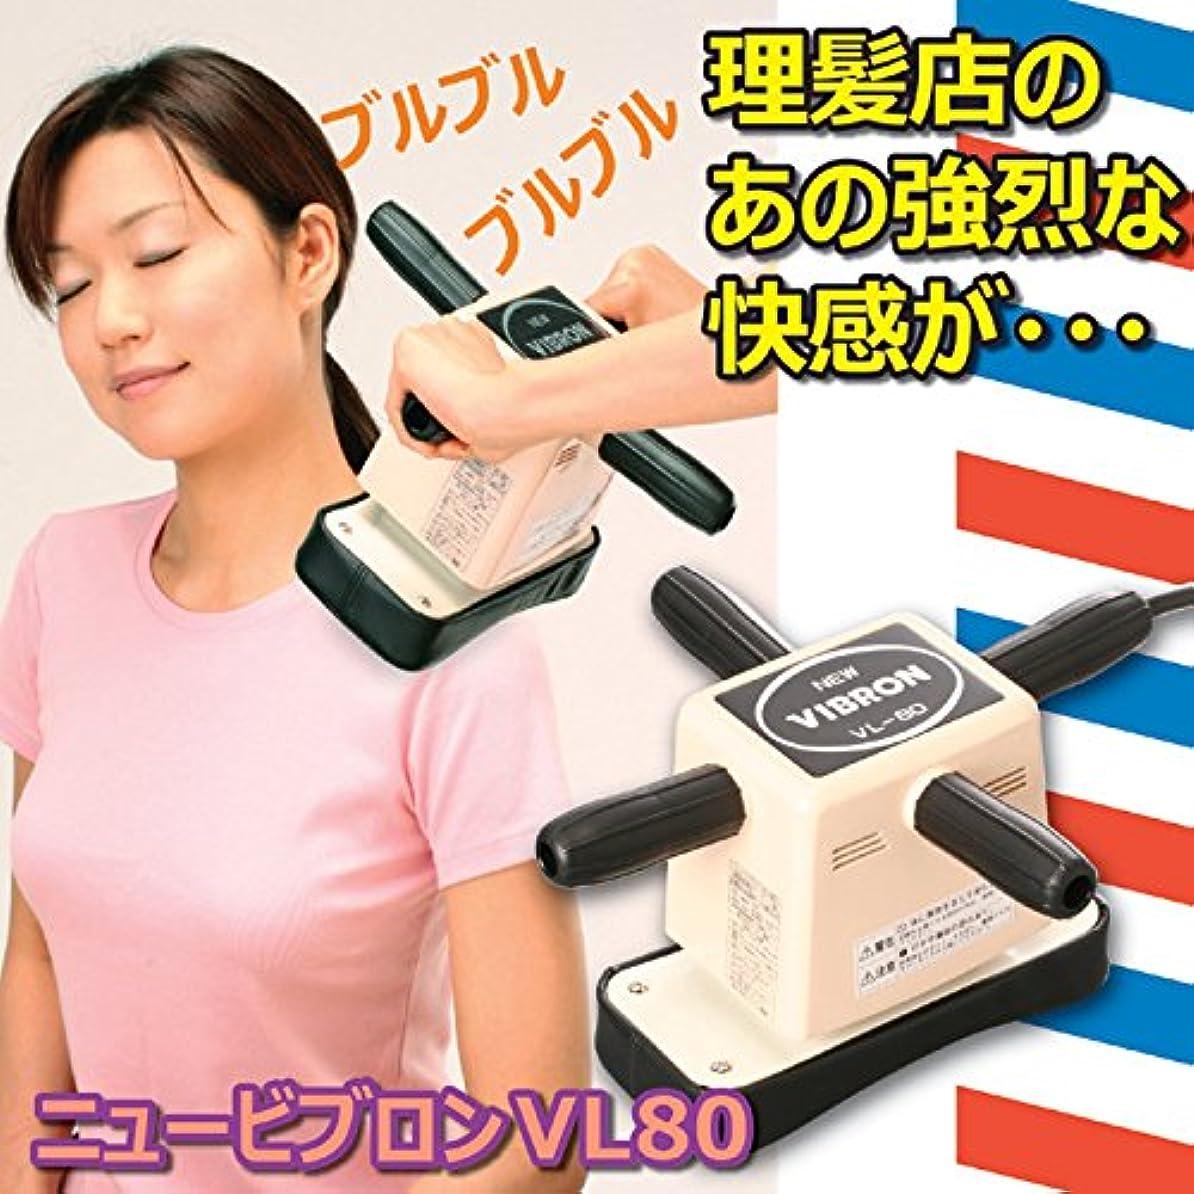 欠かせない南感覚理髪店の「サービス」でもおなじみの! 家庭用電気マッサージ器ニュービブロン 870070